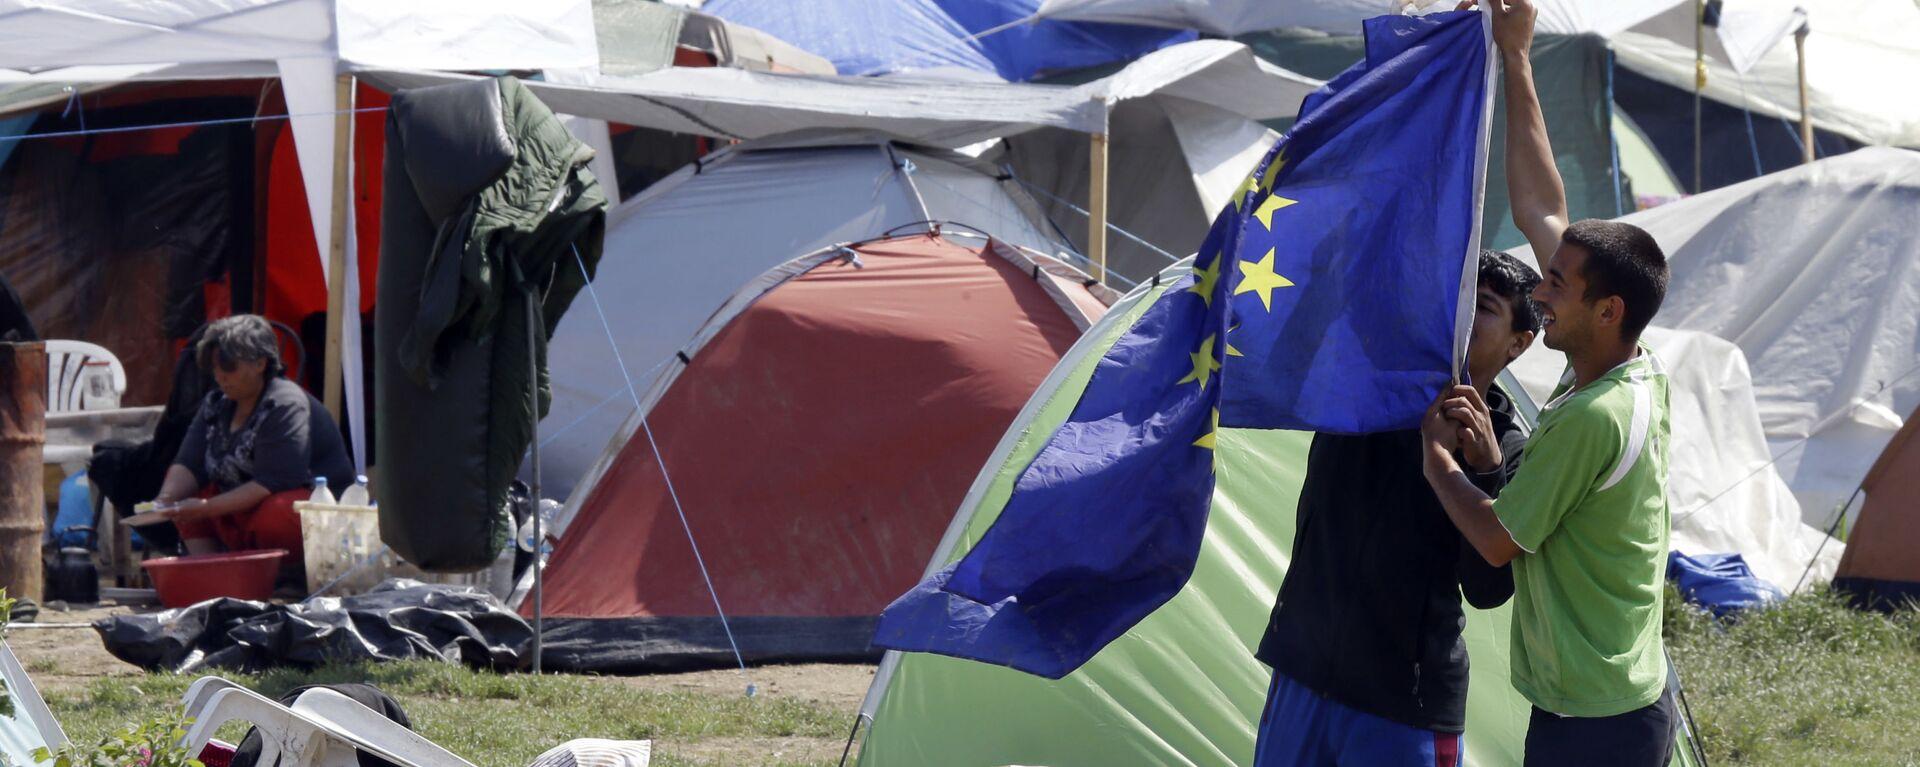 Мигранты с флагом ЕС в палаточном лагере для мигрантов и беженцев в Греции - Sputnik Česká republika, 1920, 17.07.2021